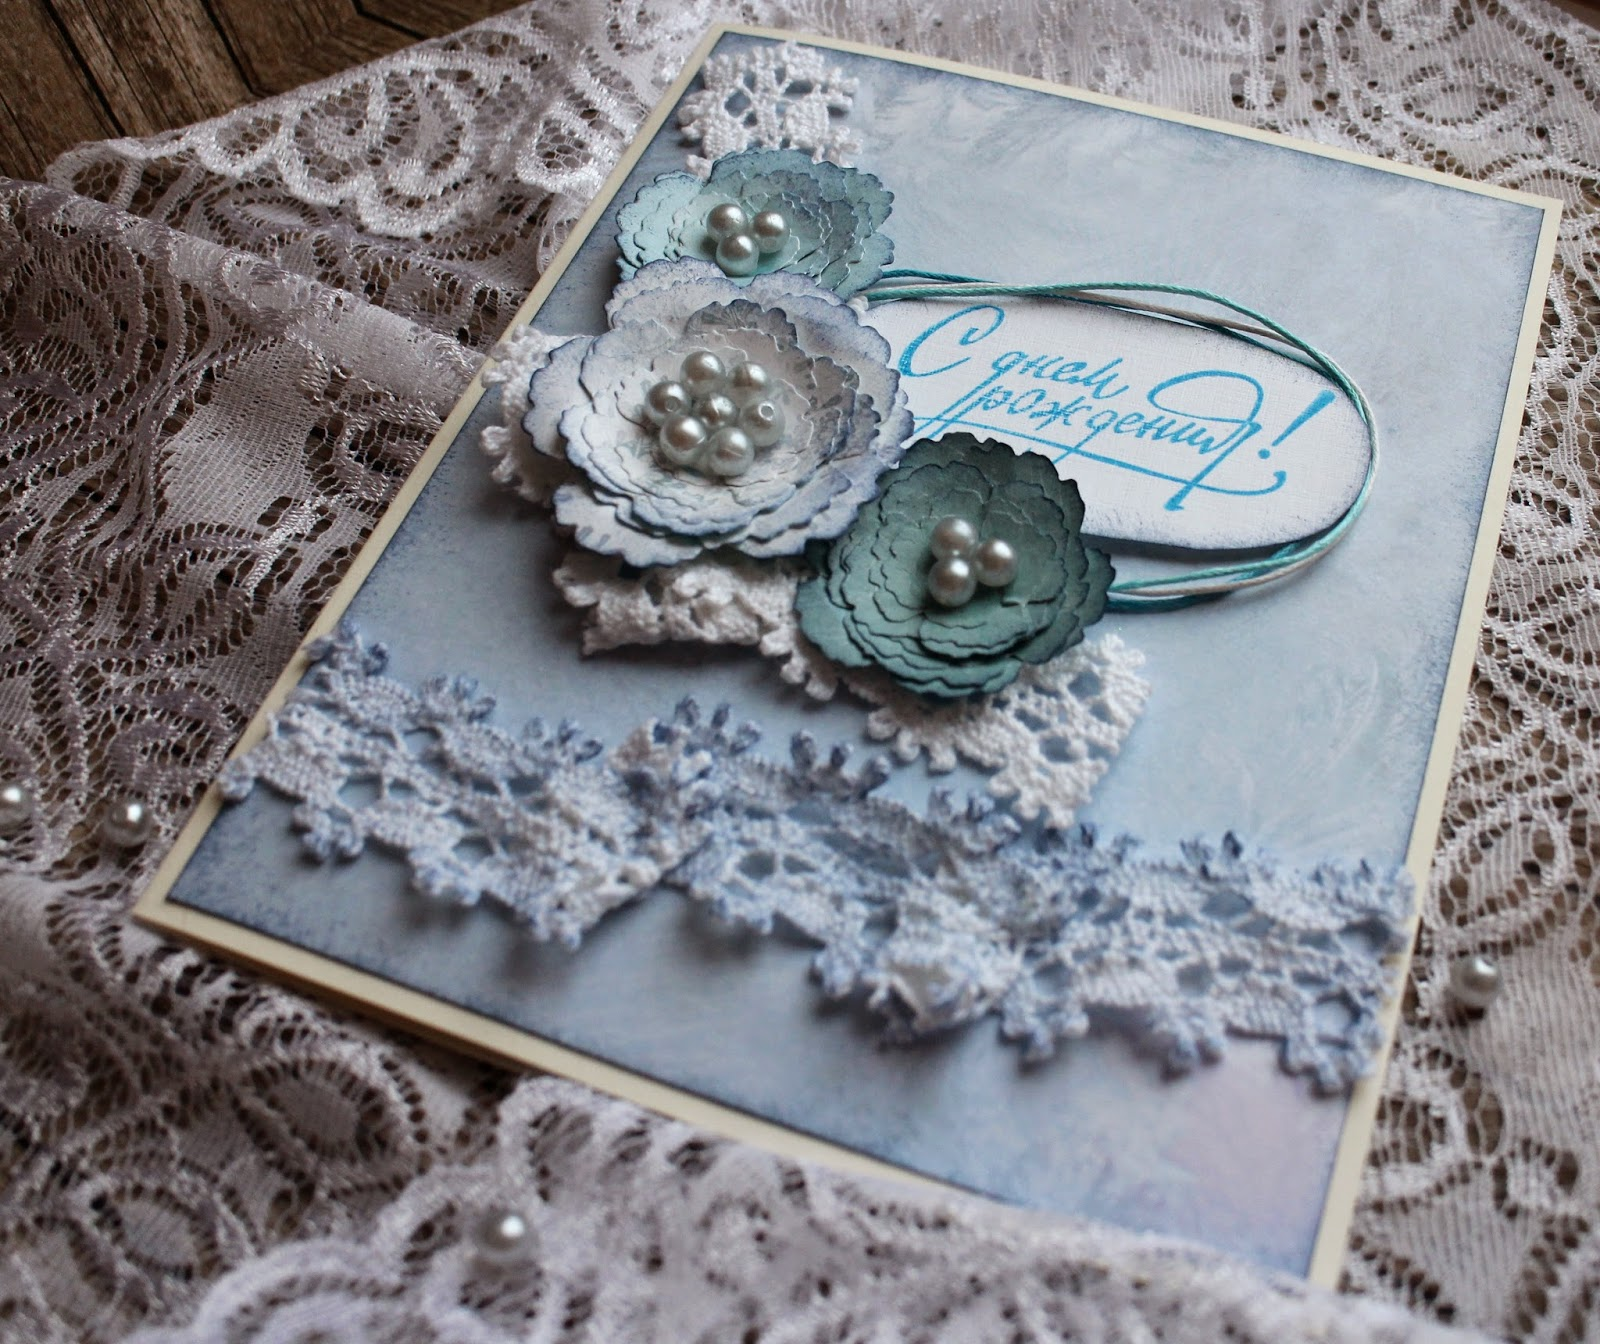 scrapbooking card birthday winter flowers скрапбукинг цветы открытка день рождения кружево hamster-sensey